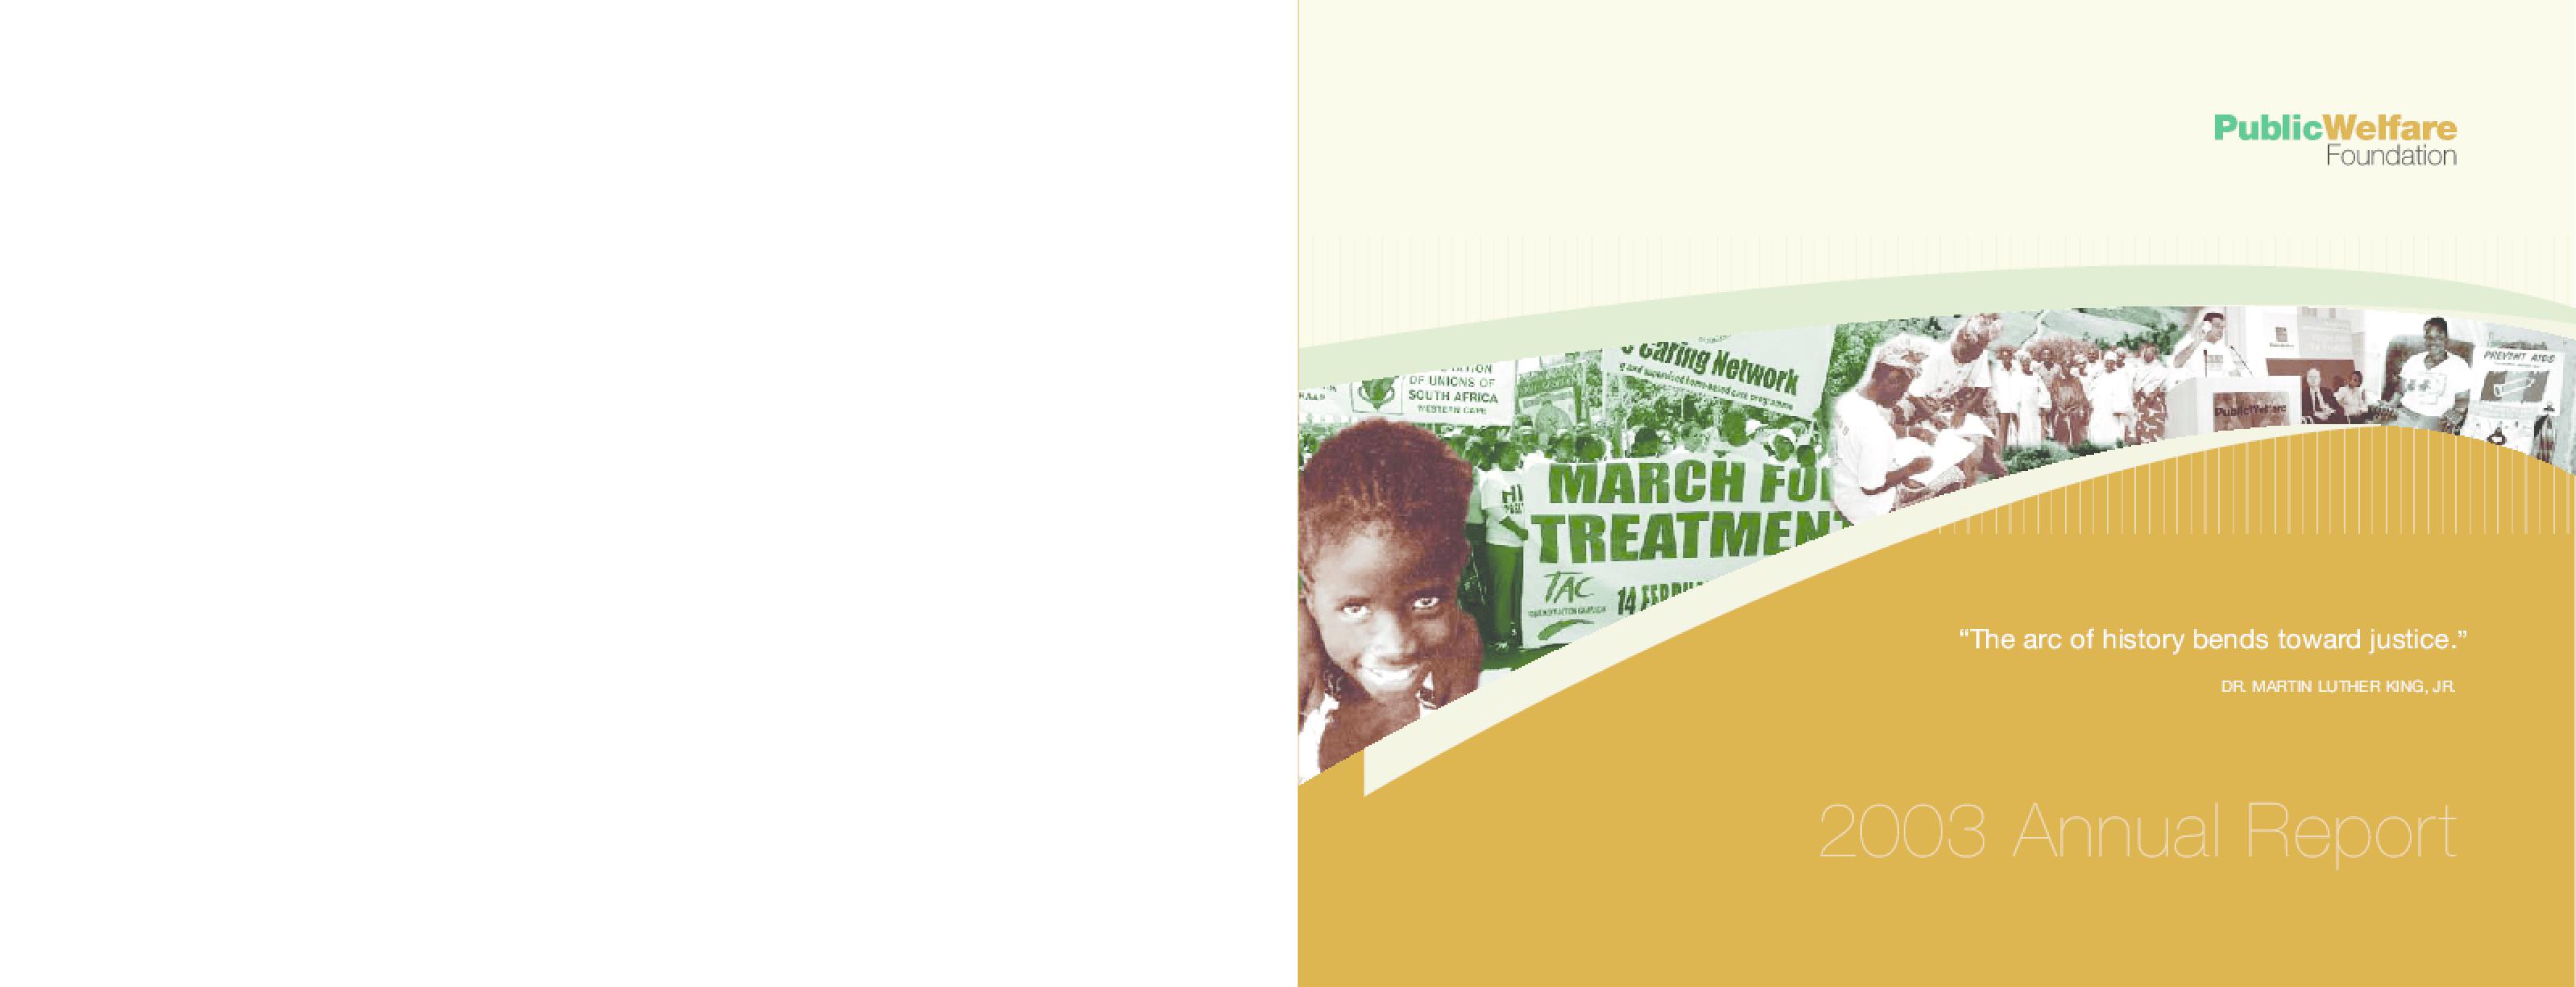 Public Welfare Foundation - 2003 Annual Report